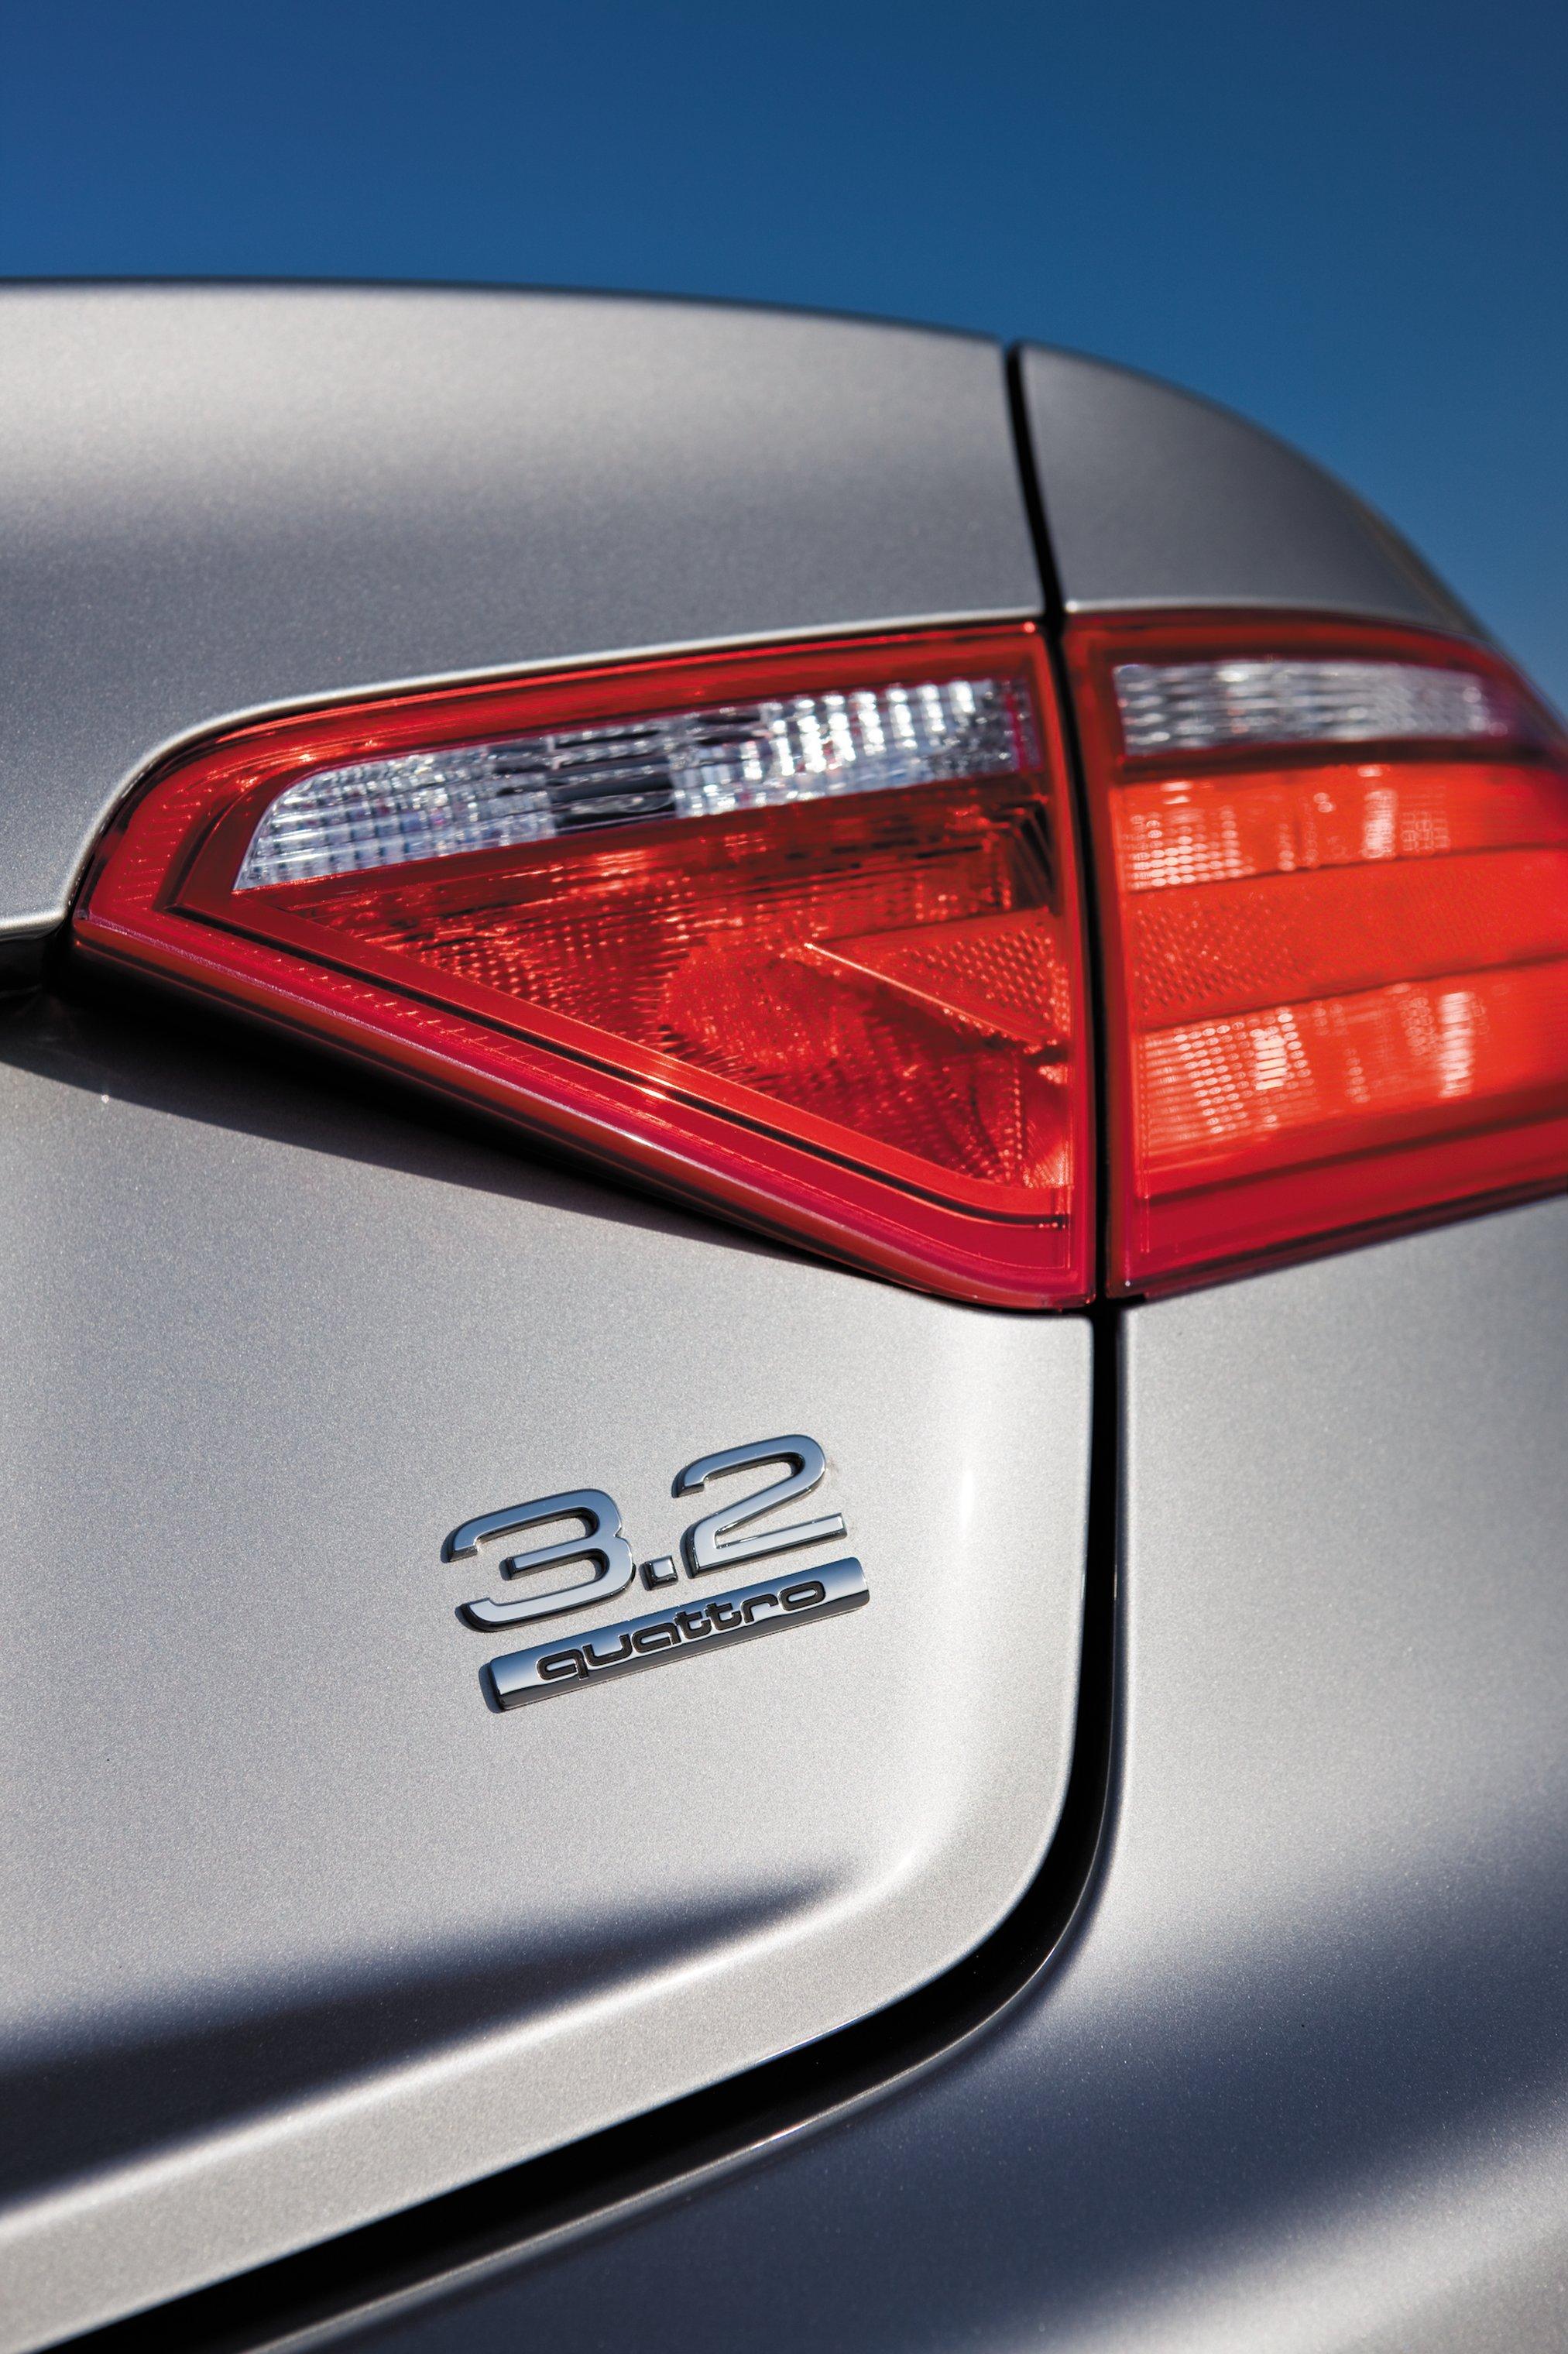 2016 Audi A6 3 0t Interior: 2016 Audi A6 Avant